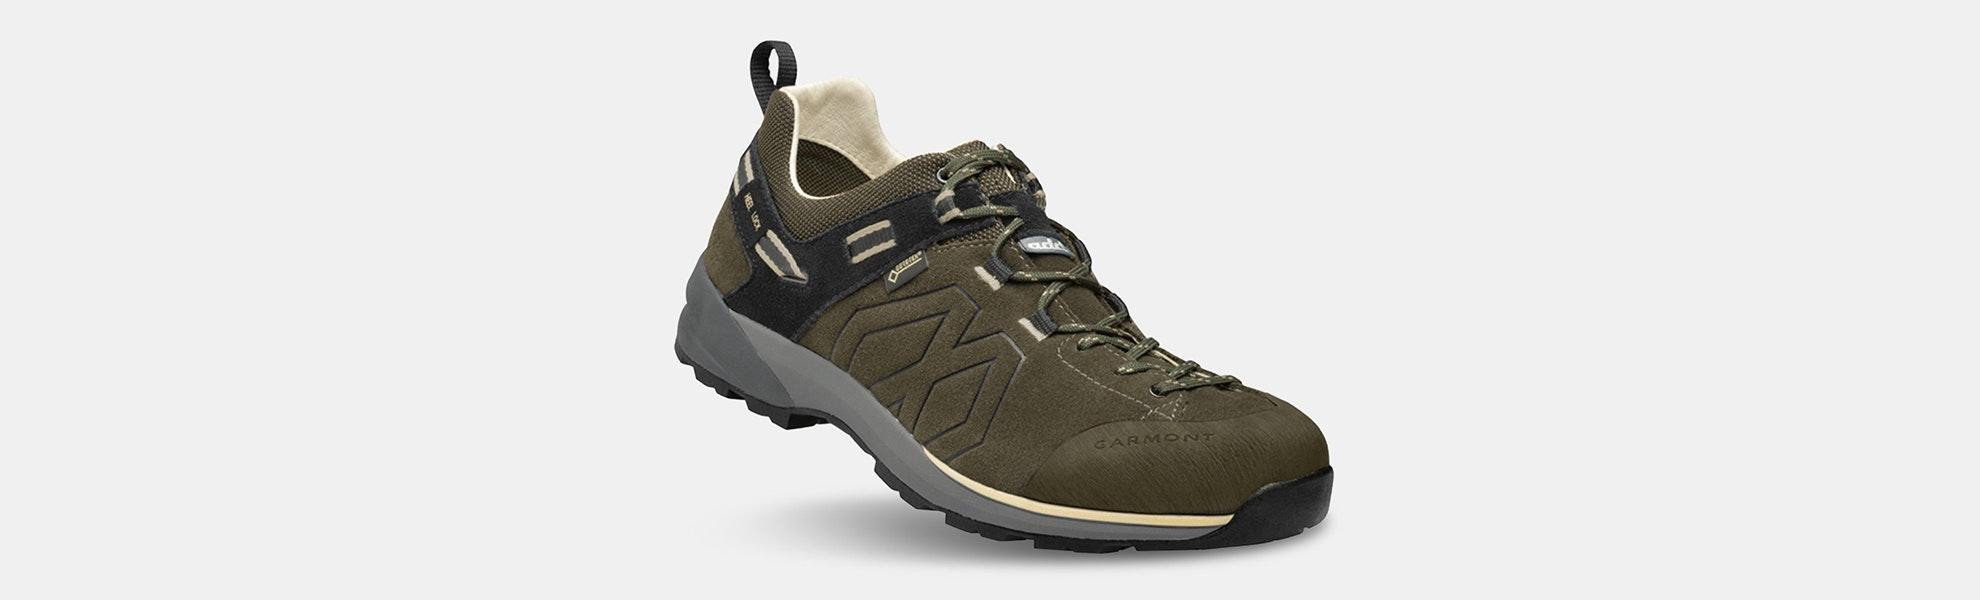 Garmont Men's Santiago GTX Low & Mid Hiking Shoes